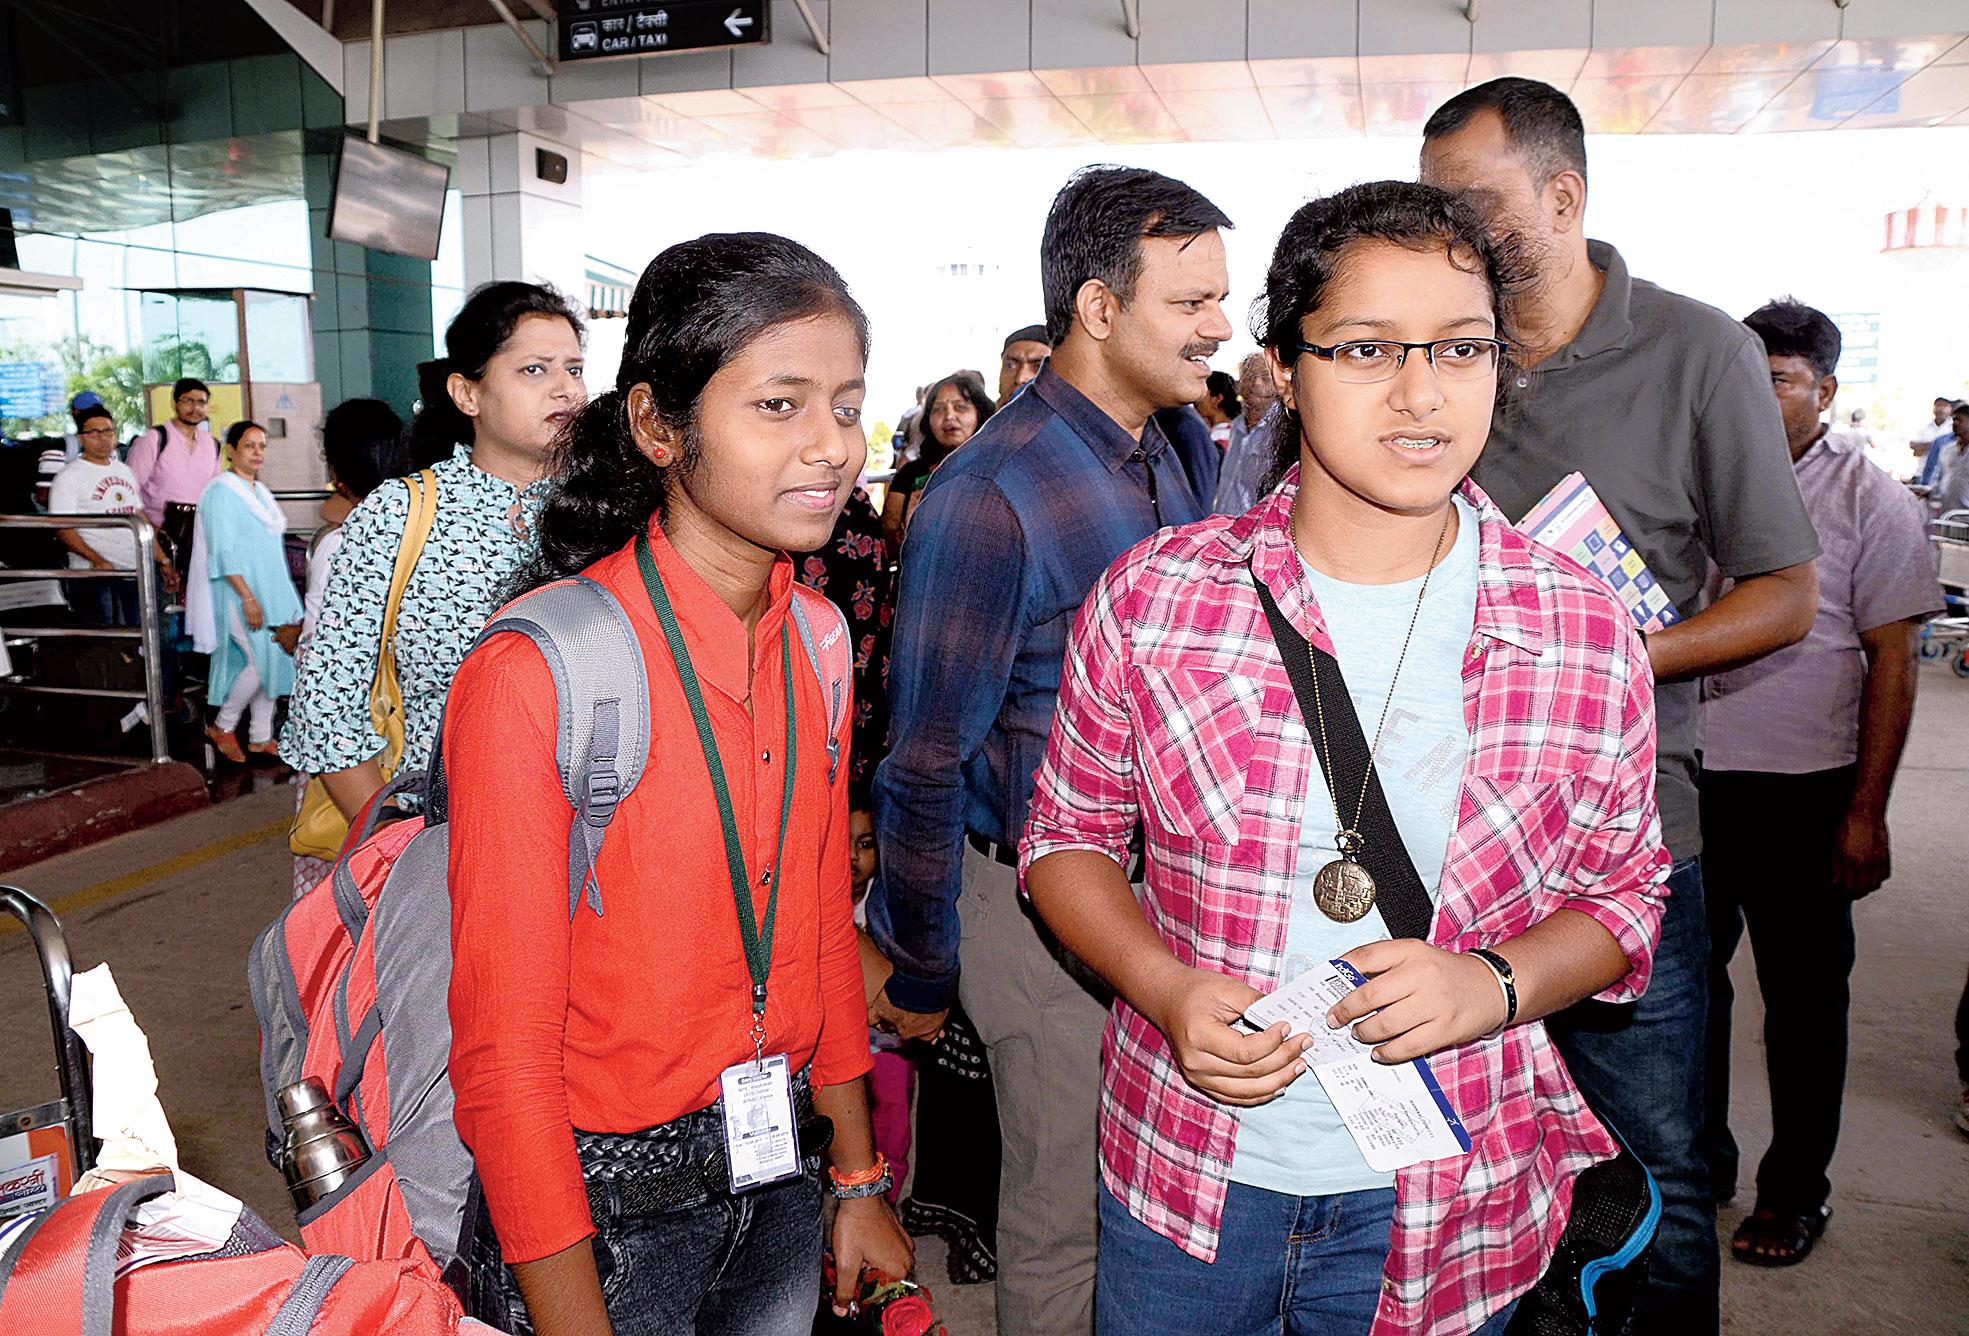 Dhriti Barnwal (right) and Rinki Kumari at Birsa Munda Airport in Ranchi on Sunday.